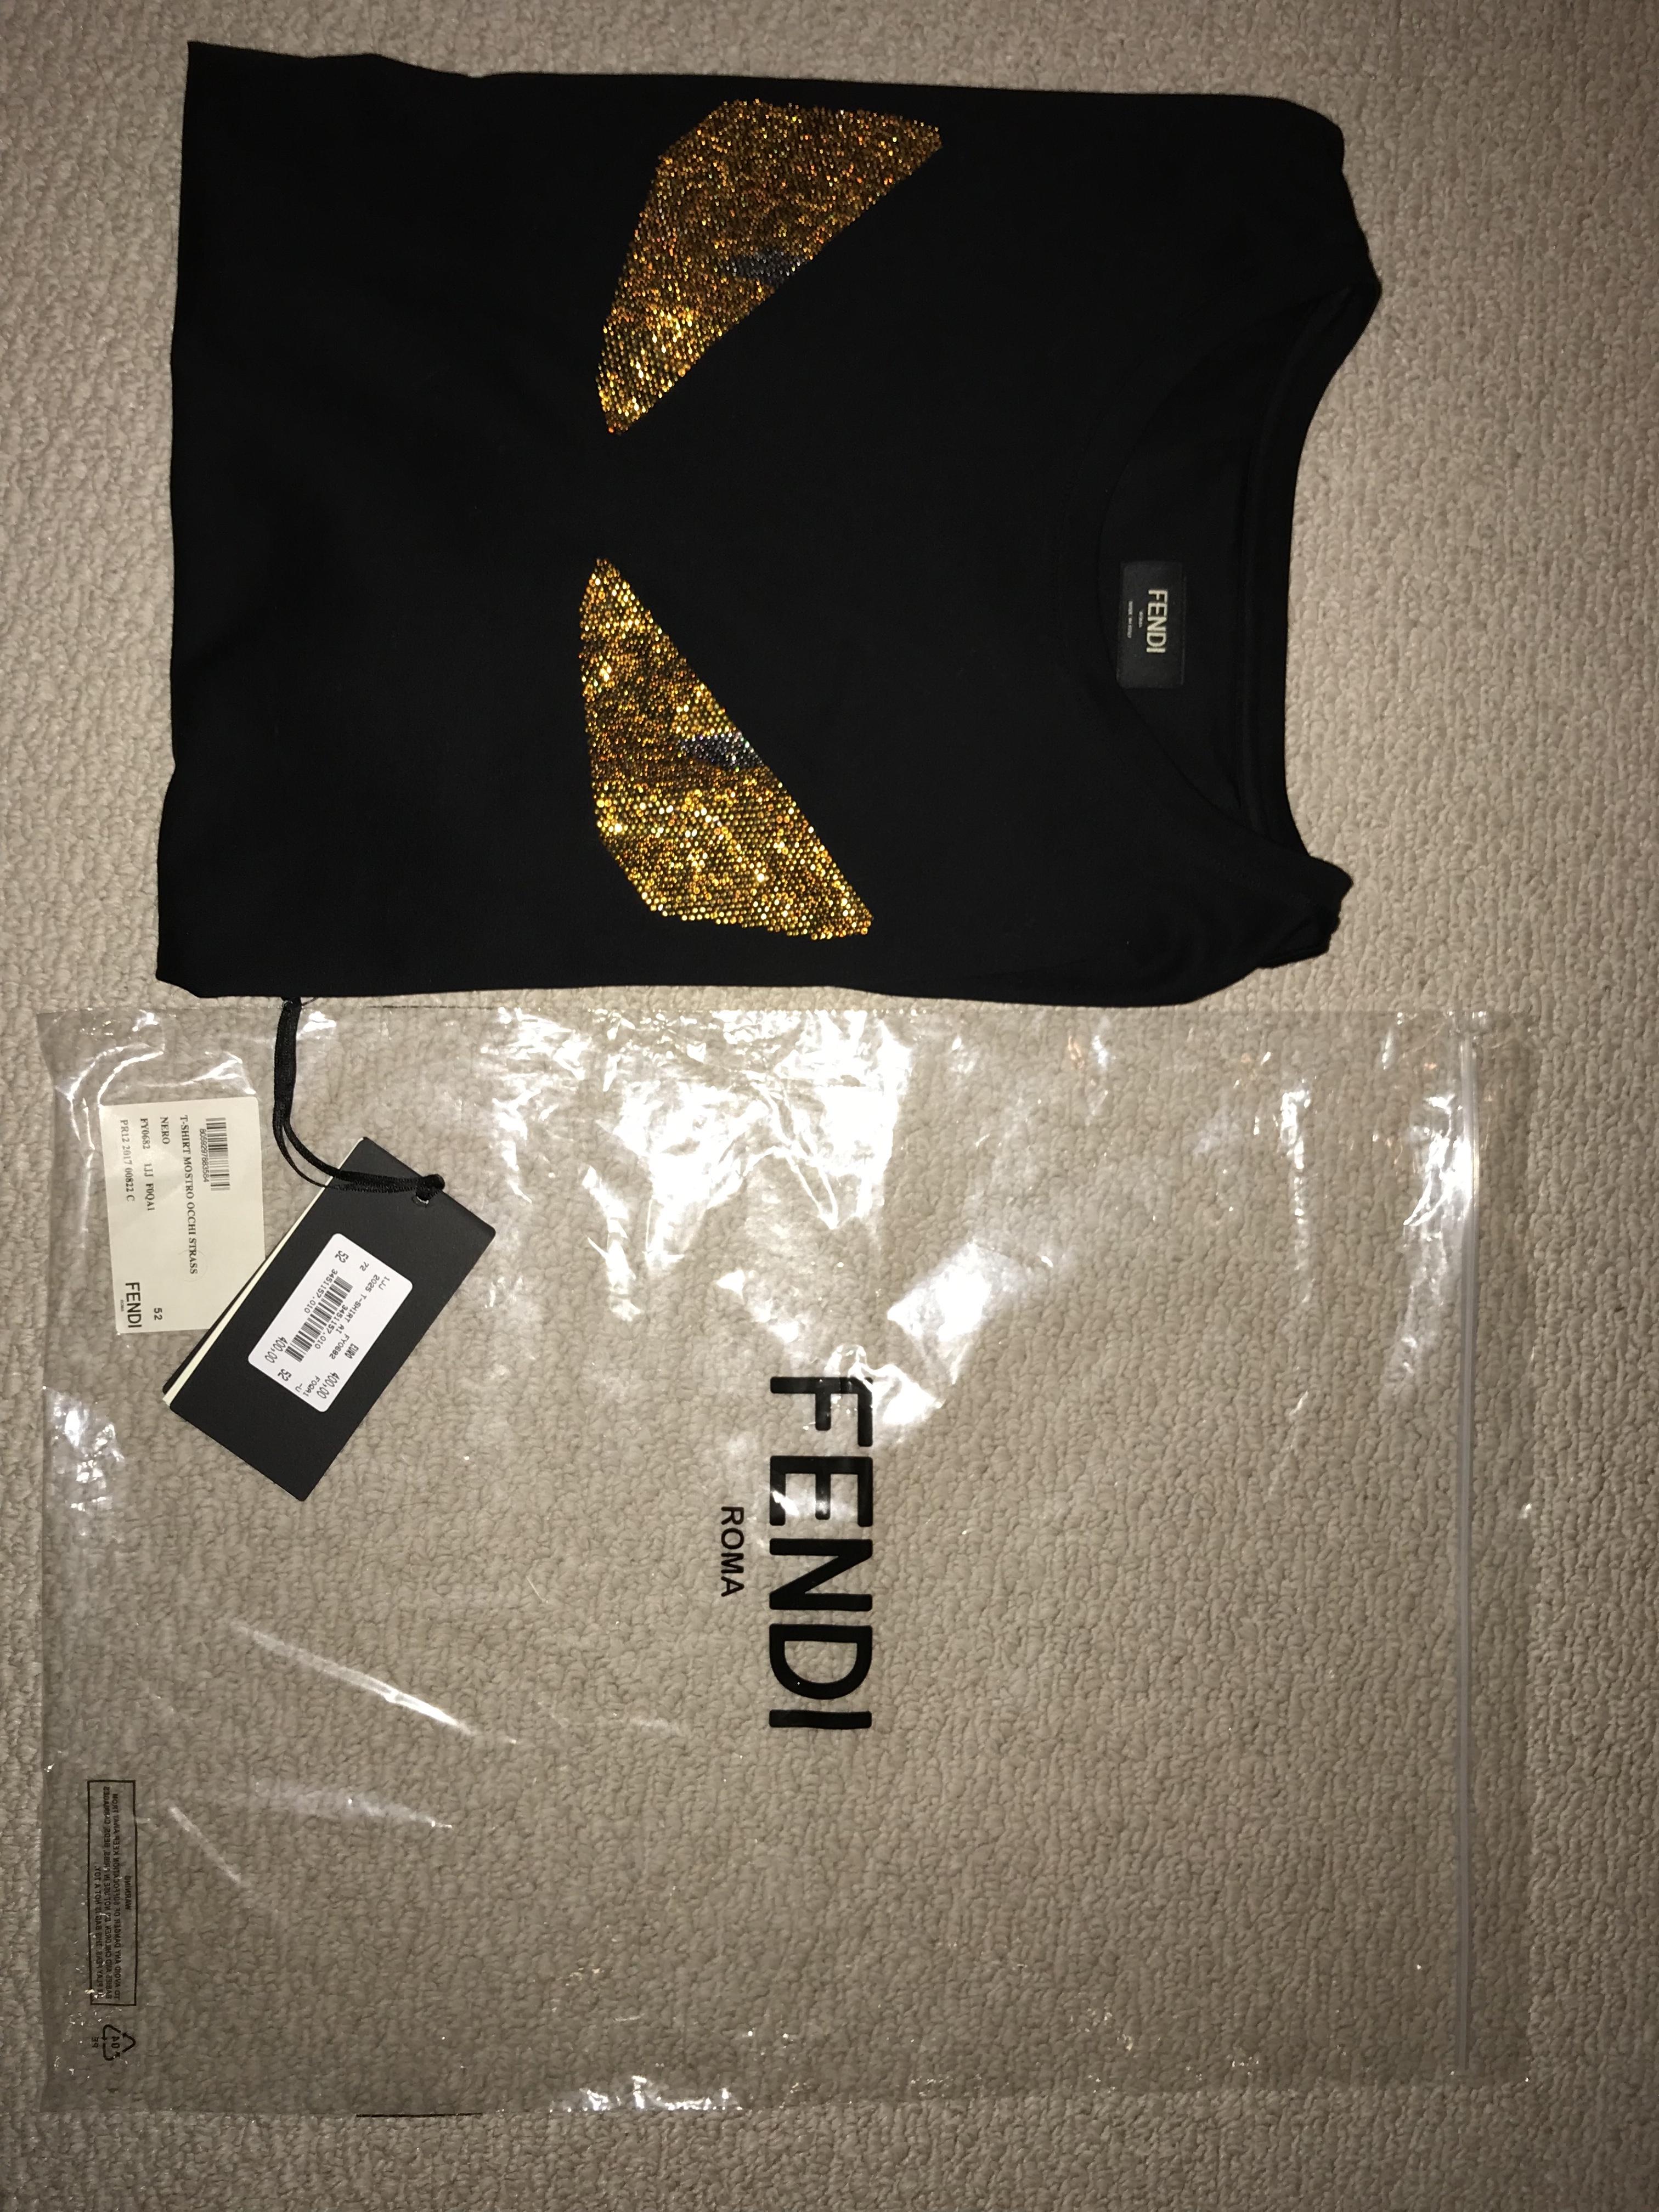 54818c27 Fendi Fendi Gold Monster Eyes Shirt | Grailed